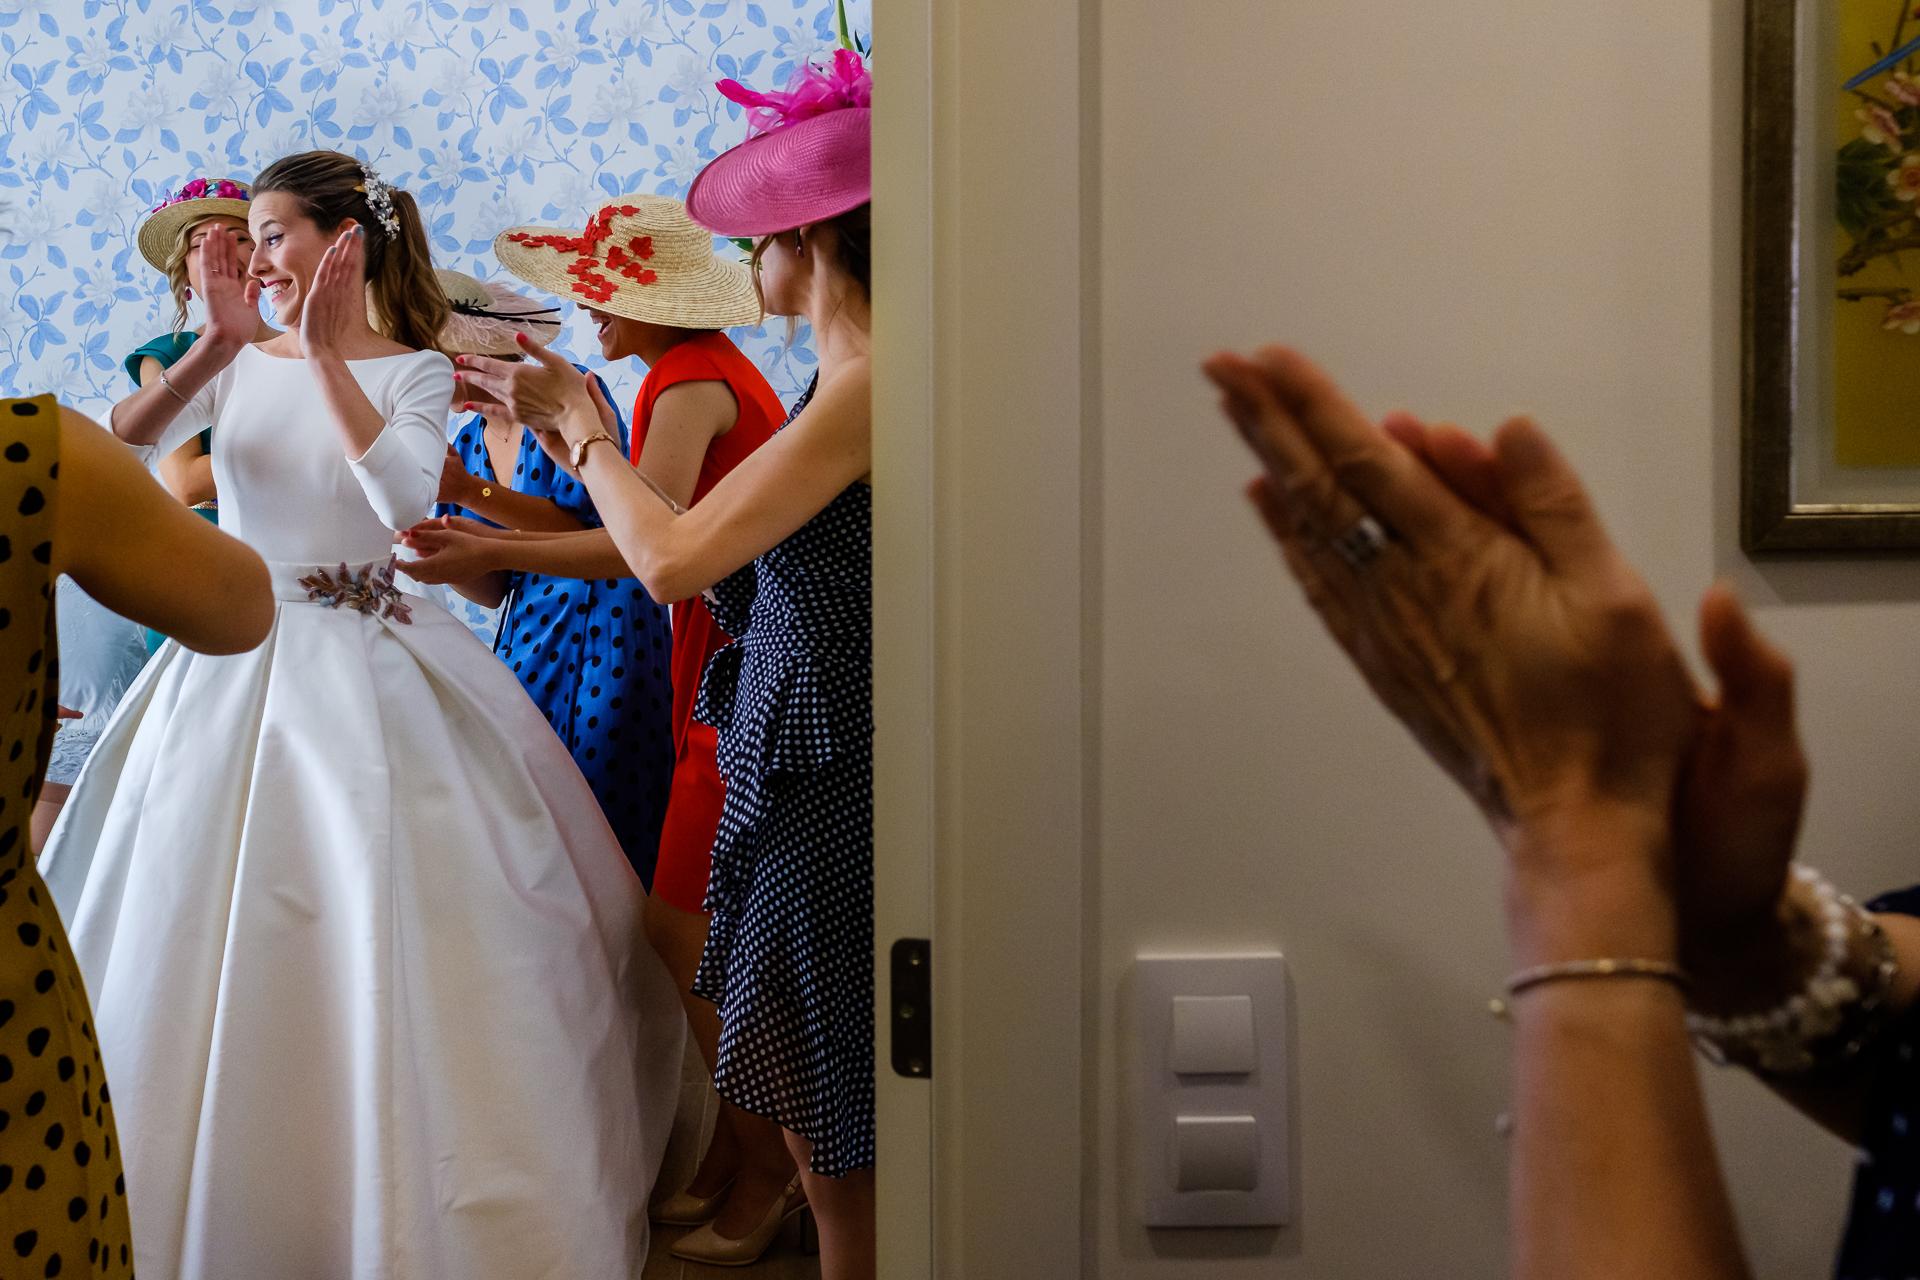 Die Gäste begrüßen die Braut in diesem sich vorbereitenden Bild, das von einem dokumentarischen Hochzeitsfotografen verfasst wurde.